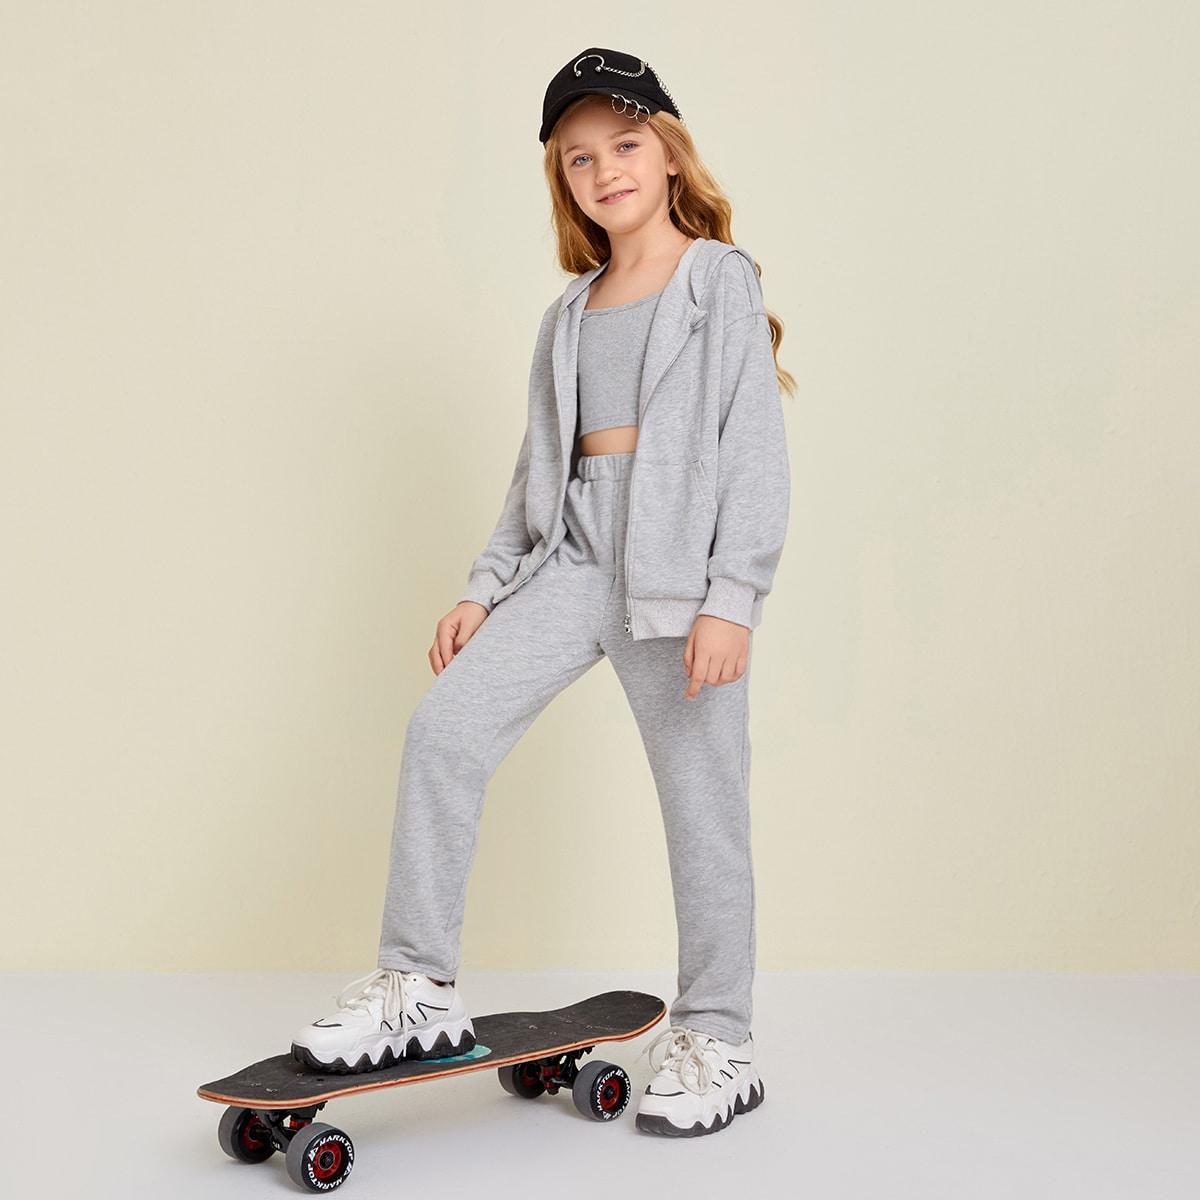 Карман ровный цвет спортивный комплекты для девочек